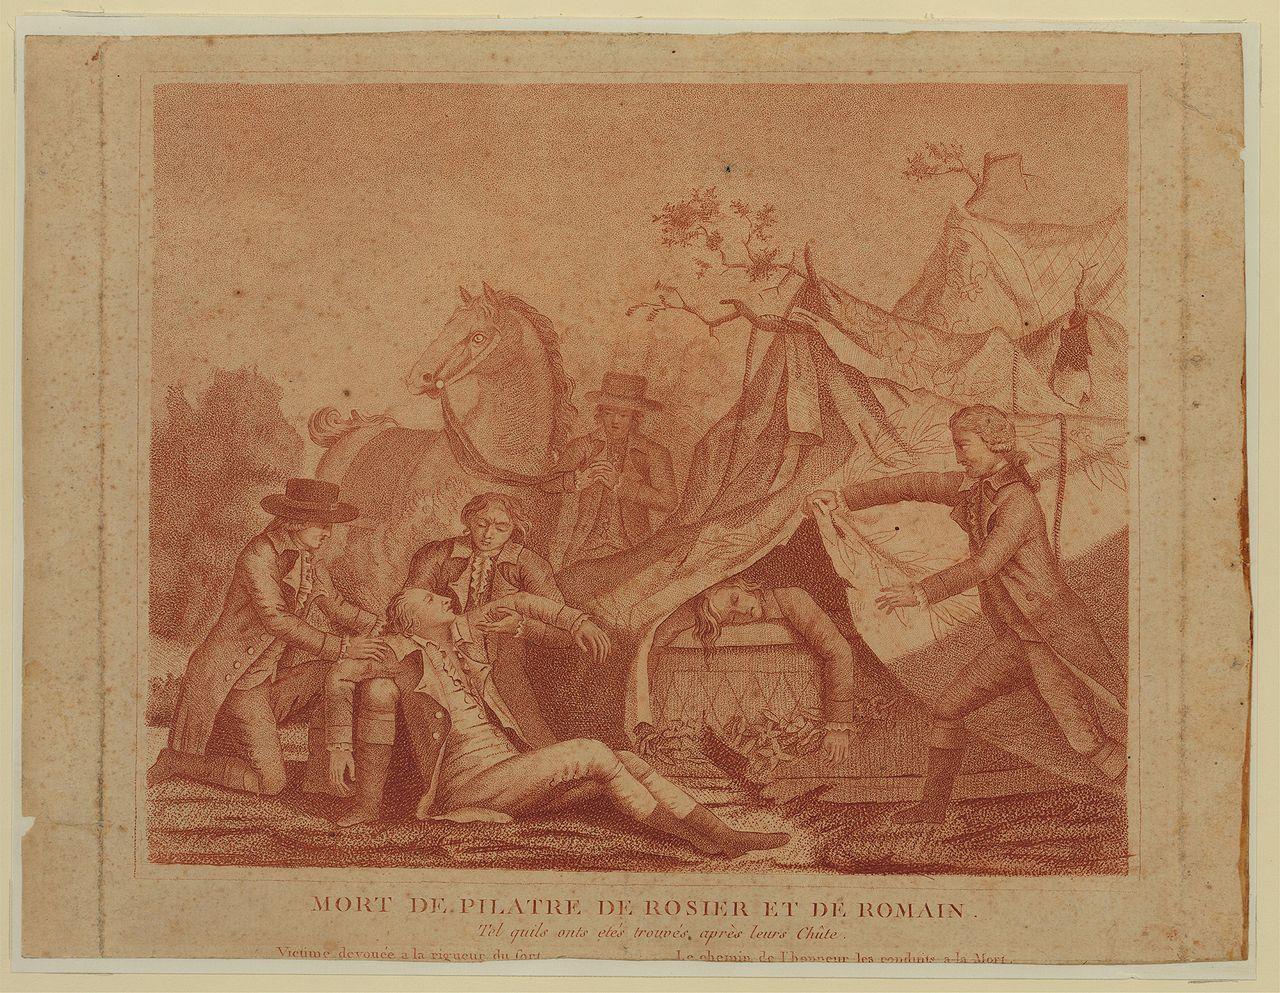 Aviation fatality Pilatre de Rozier and Romain Jean